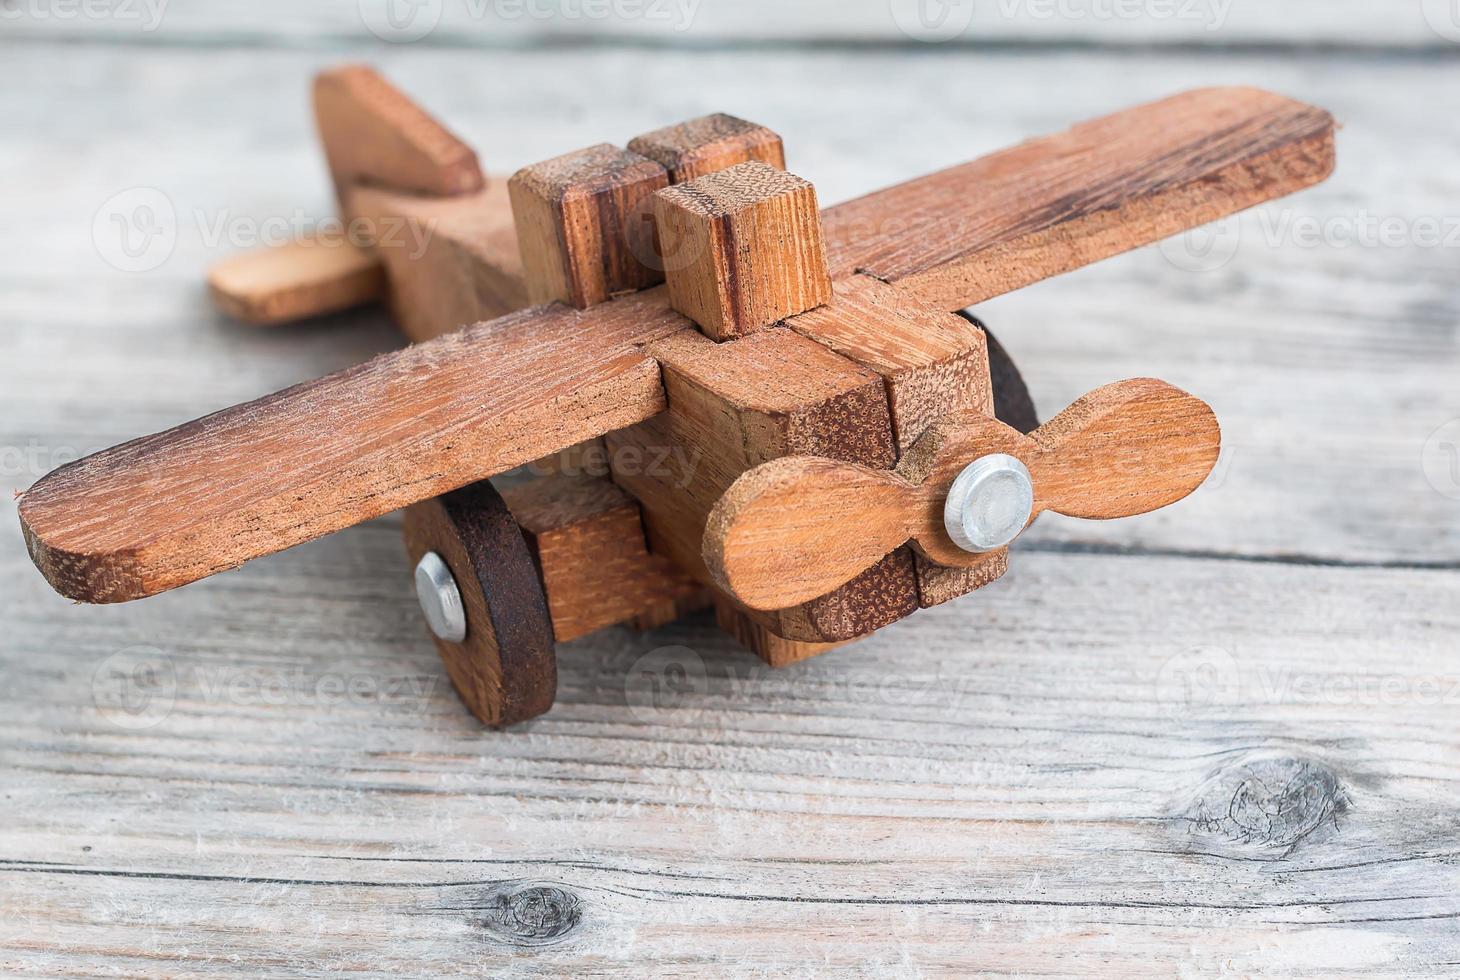 Nahaufnahme eines handgeschnitzten hölzernen Spielzeugflugzeugmodells foto